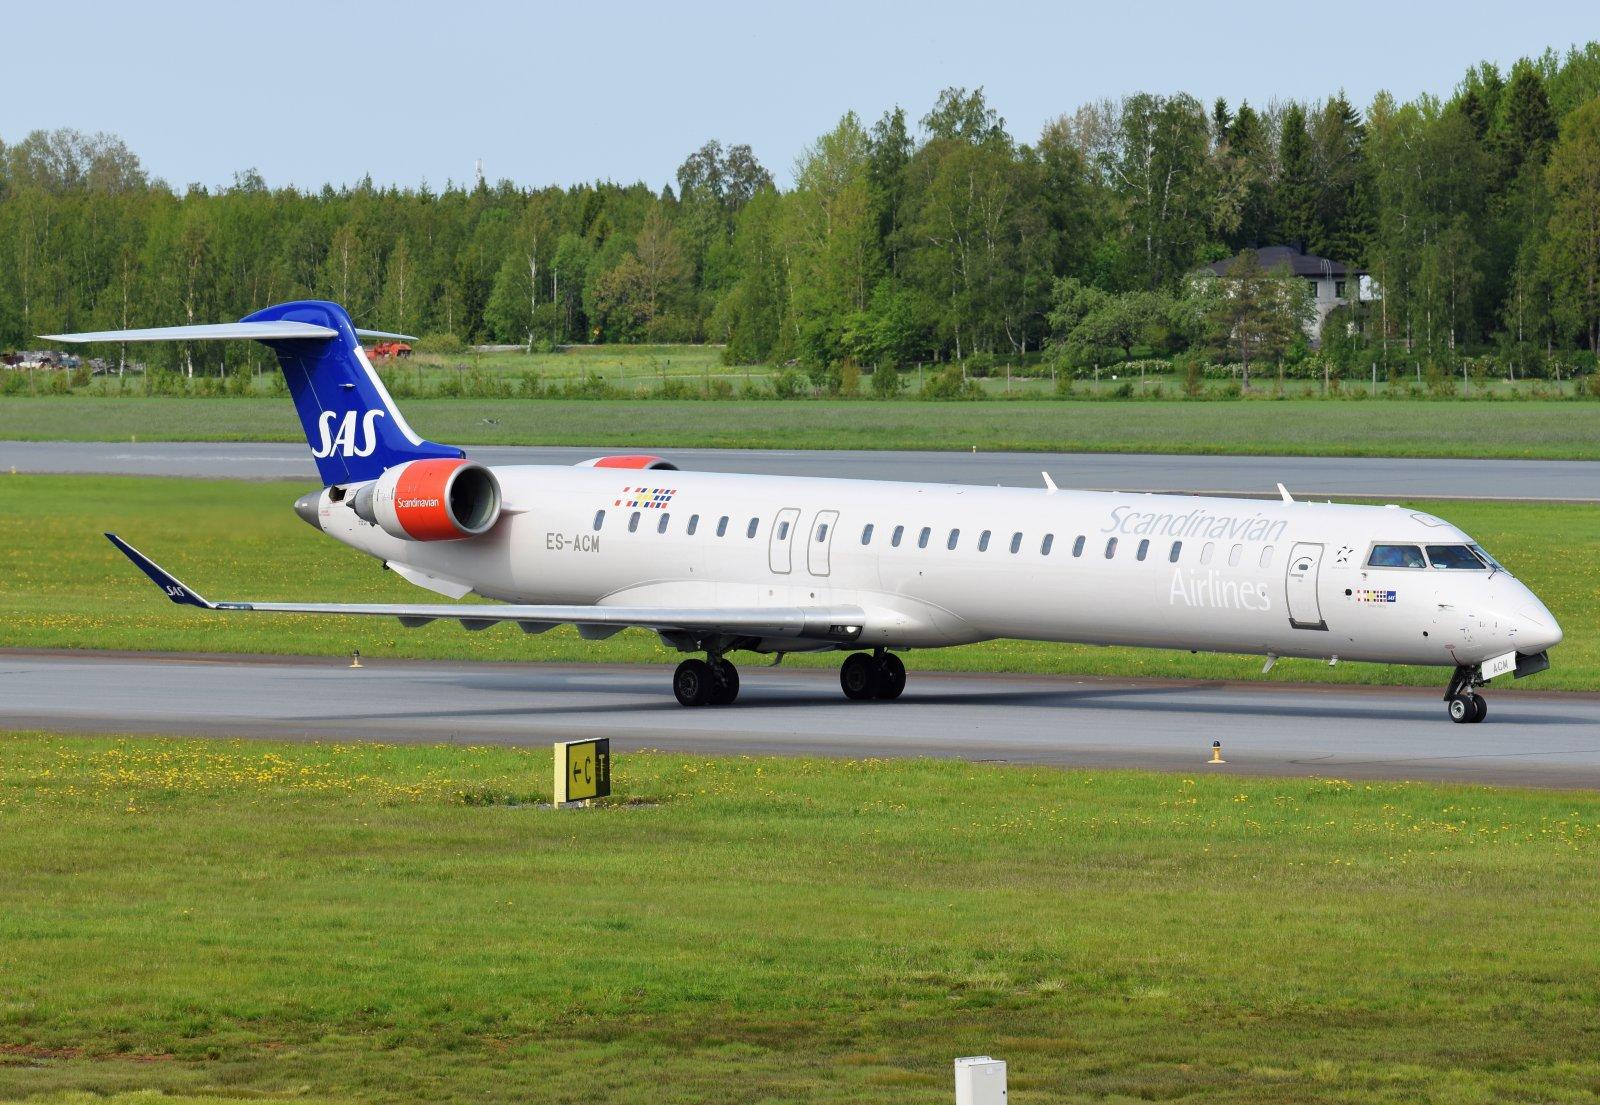 ES-ACM - Bombardier CRJ-900LR - Nordica (SAS Scandinavian Airlines) - 5.6.2019